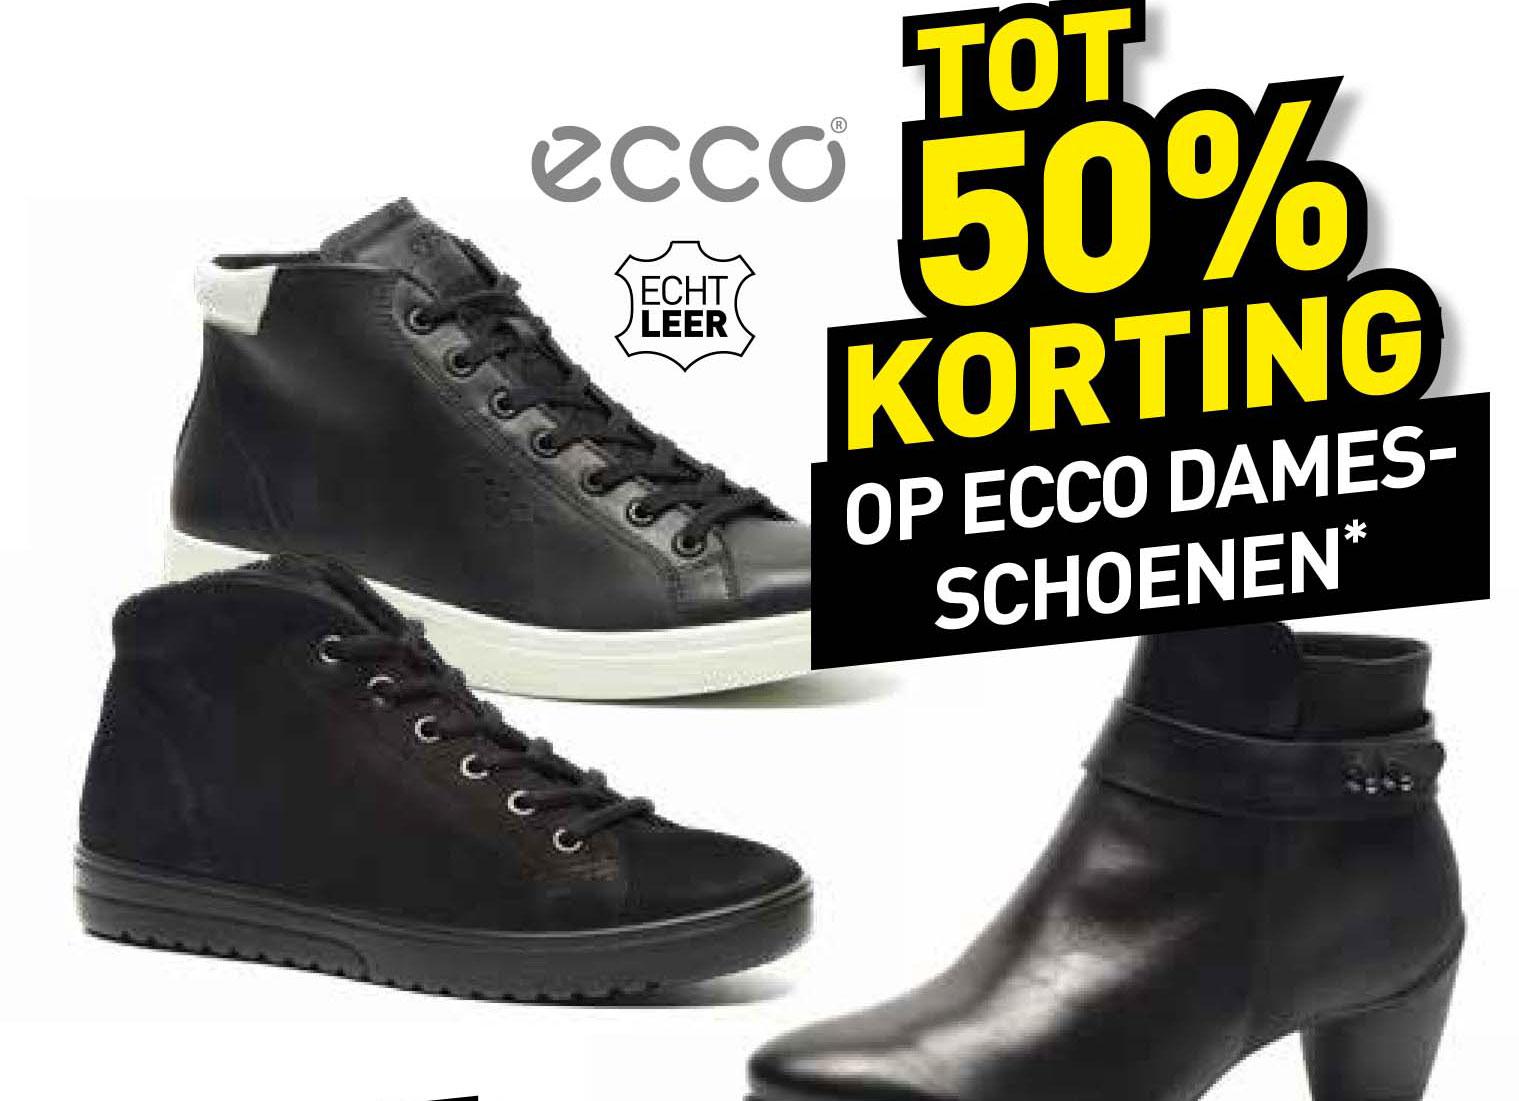 Scapino Tot 50% Korting Op Ecco Damesschoenen